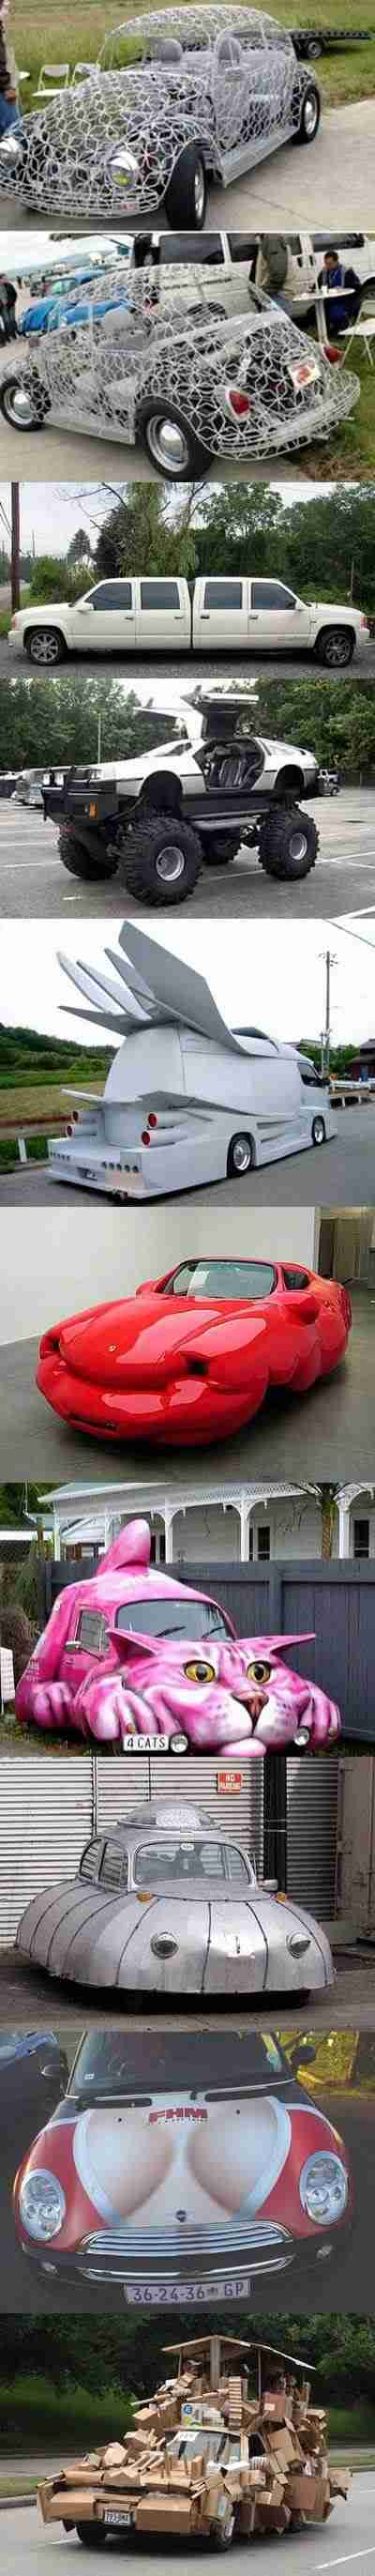 carros esquisitos